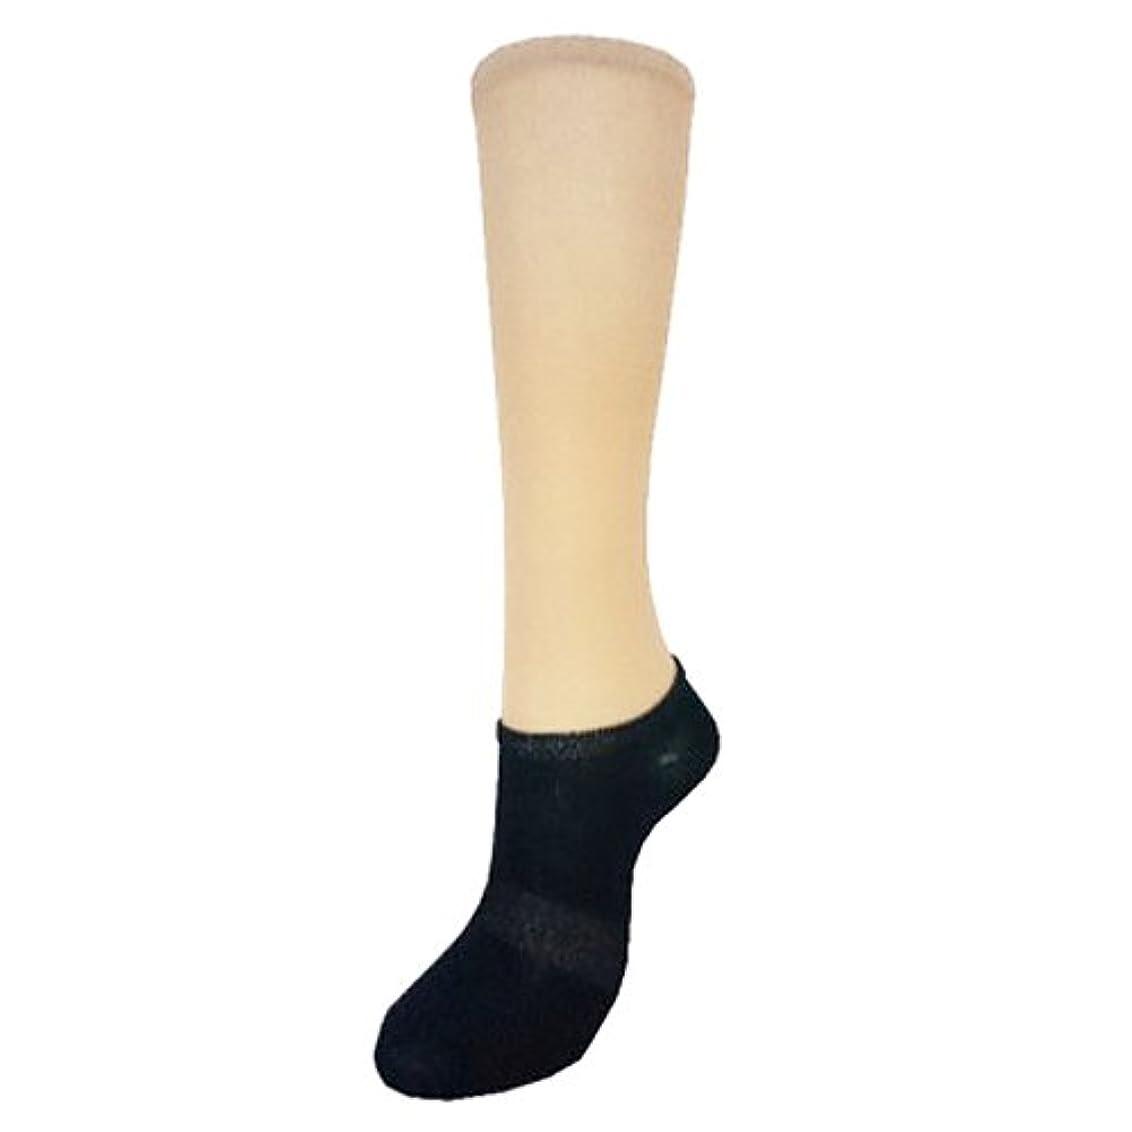 分布複製する相互接続砂山靴下 ストッキングソックス スニーカーソックスタイプ ブラック